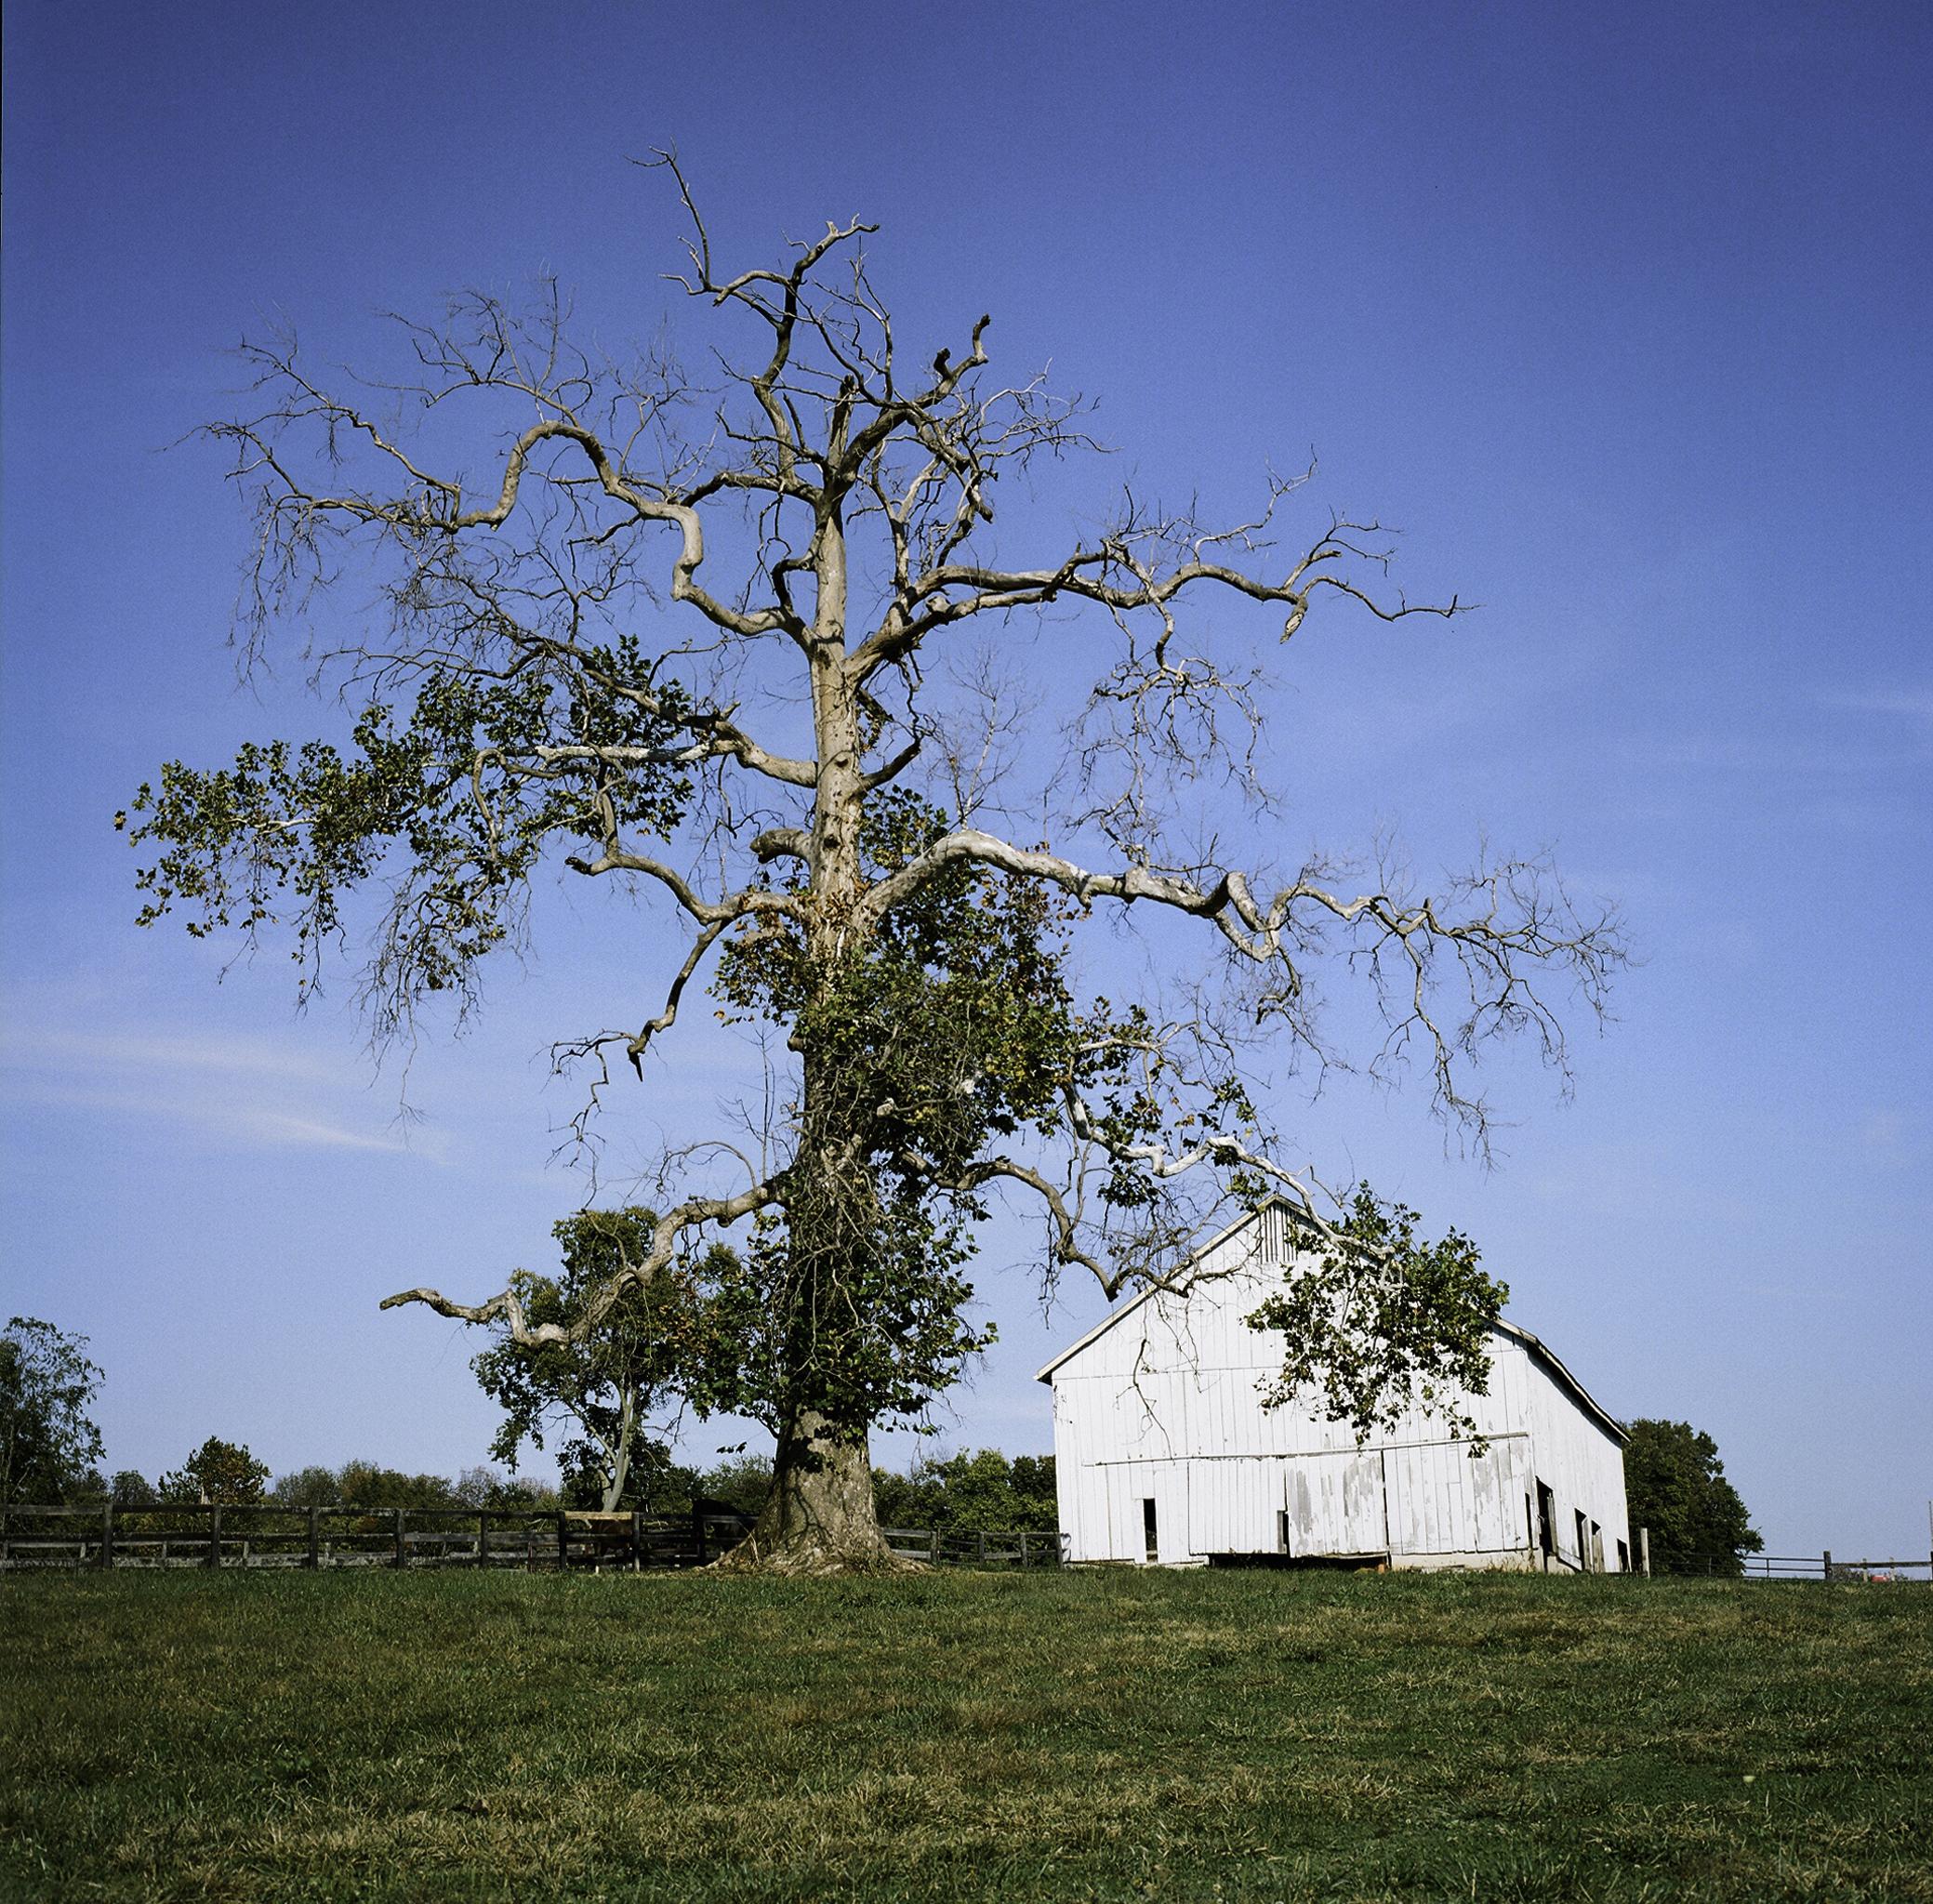 The Old Tree at Walnut Way